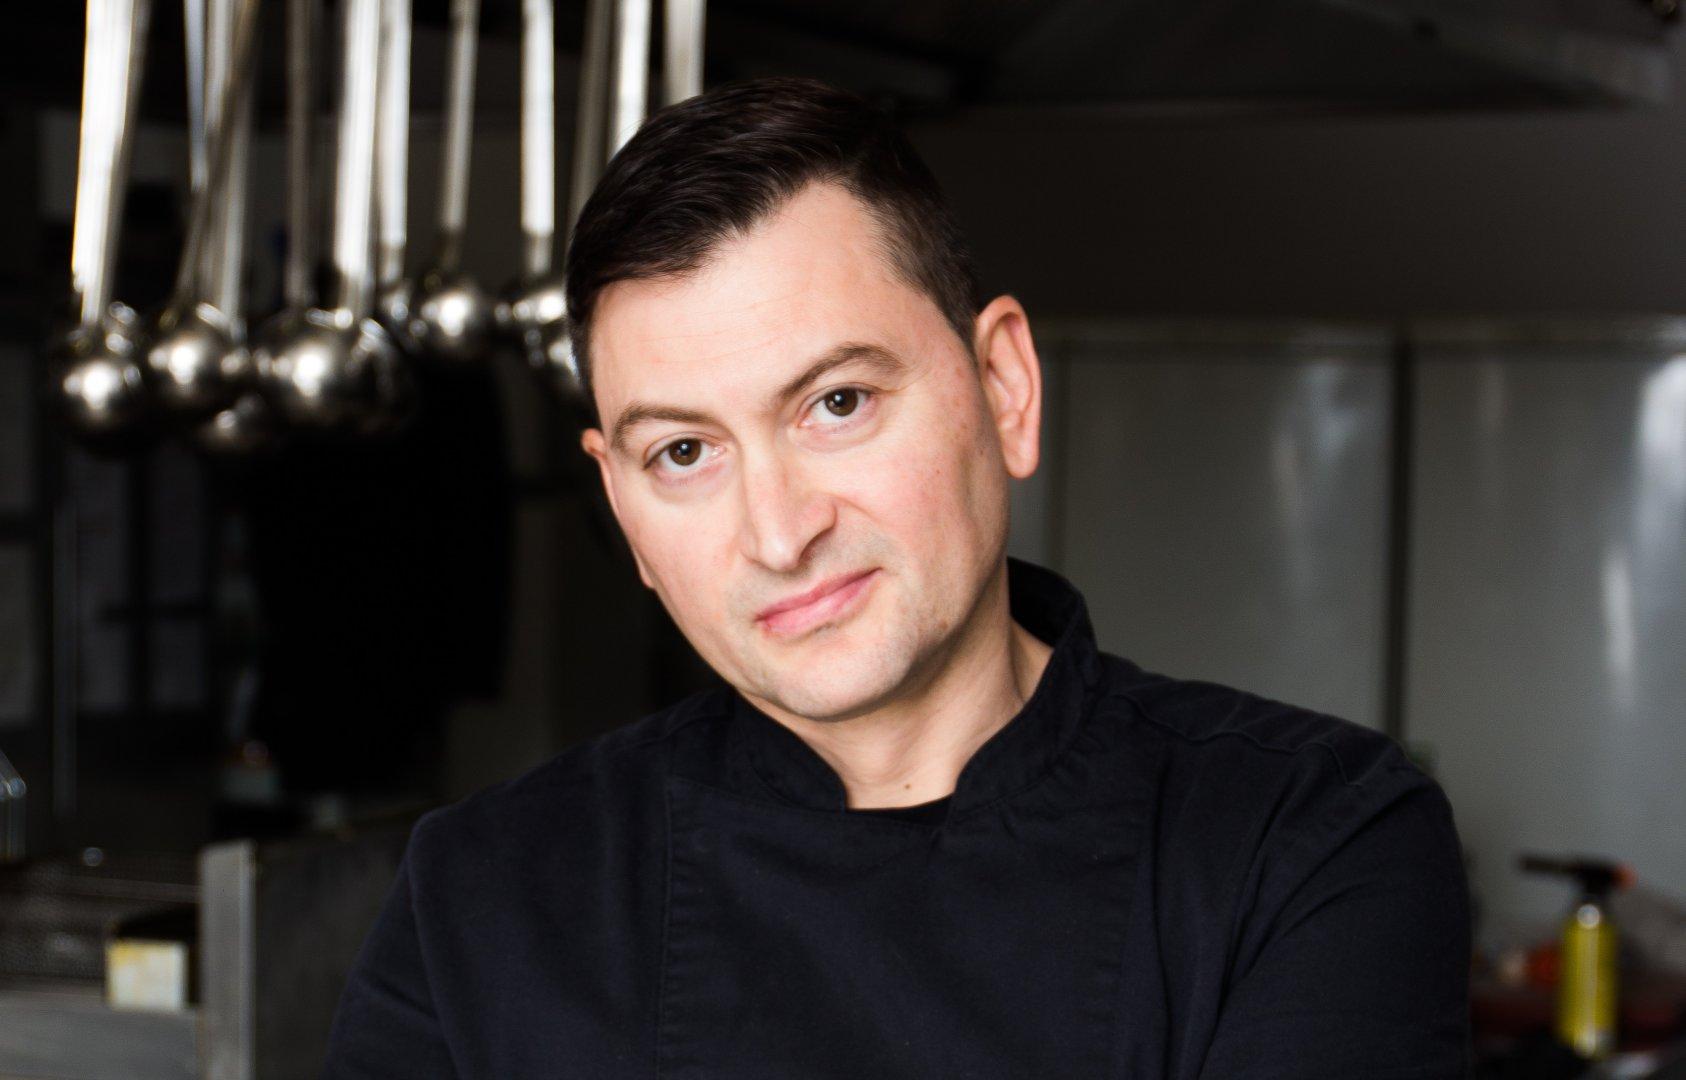 Шеф-готвач Красимир Петров от екипа на Средиземноморски ресторант Салини в Гранд Хотел и СПА Приморец